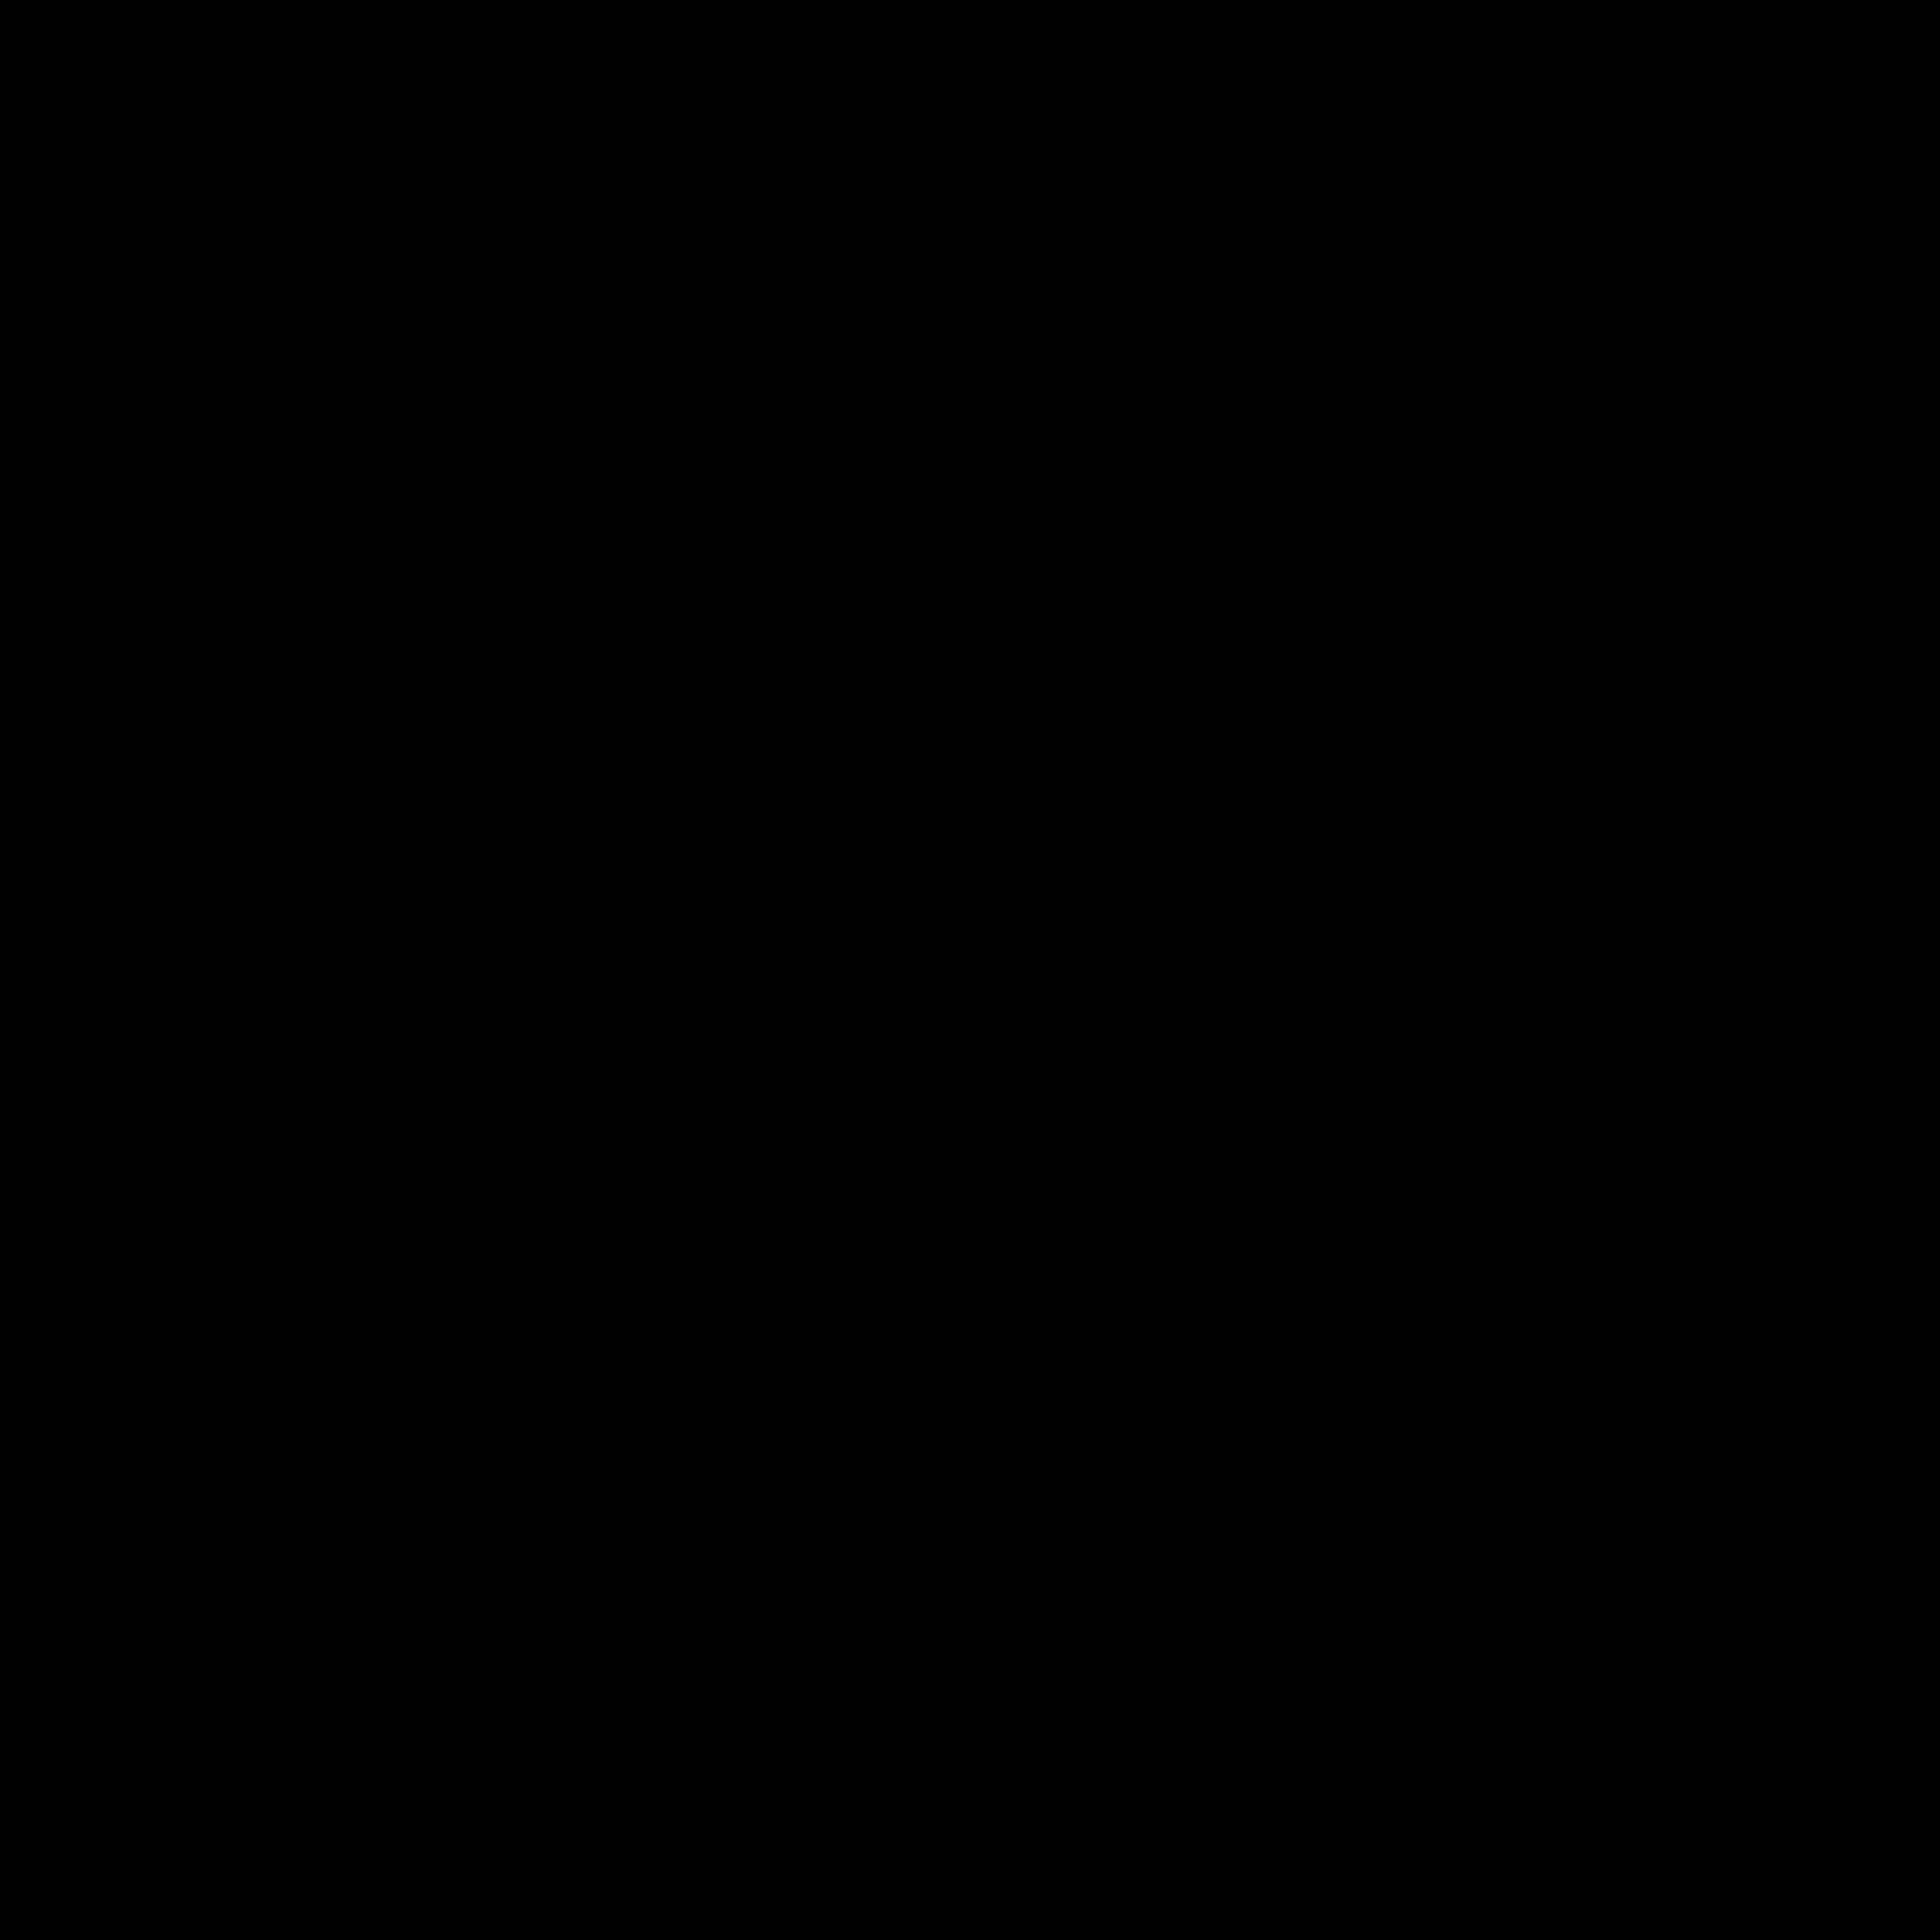 Move with Leia